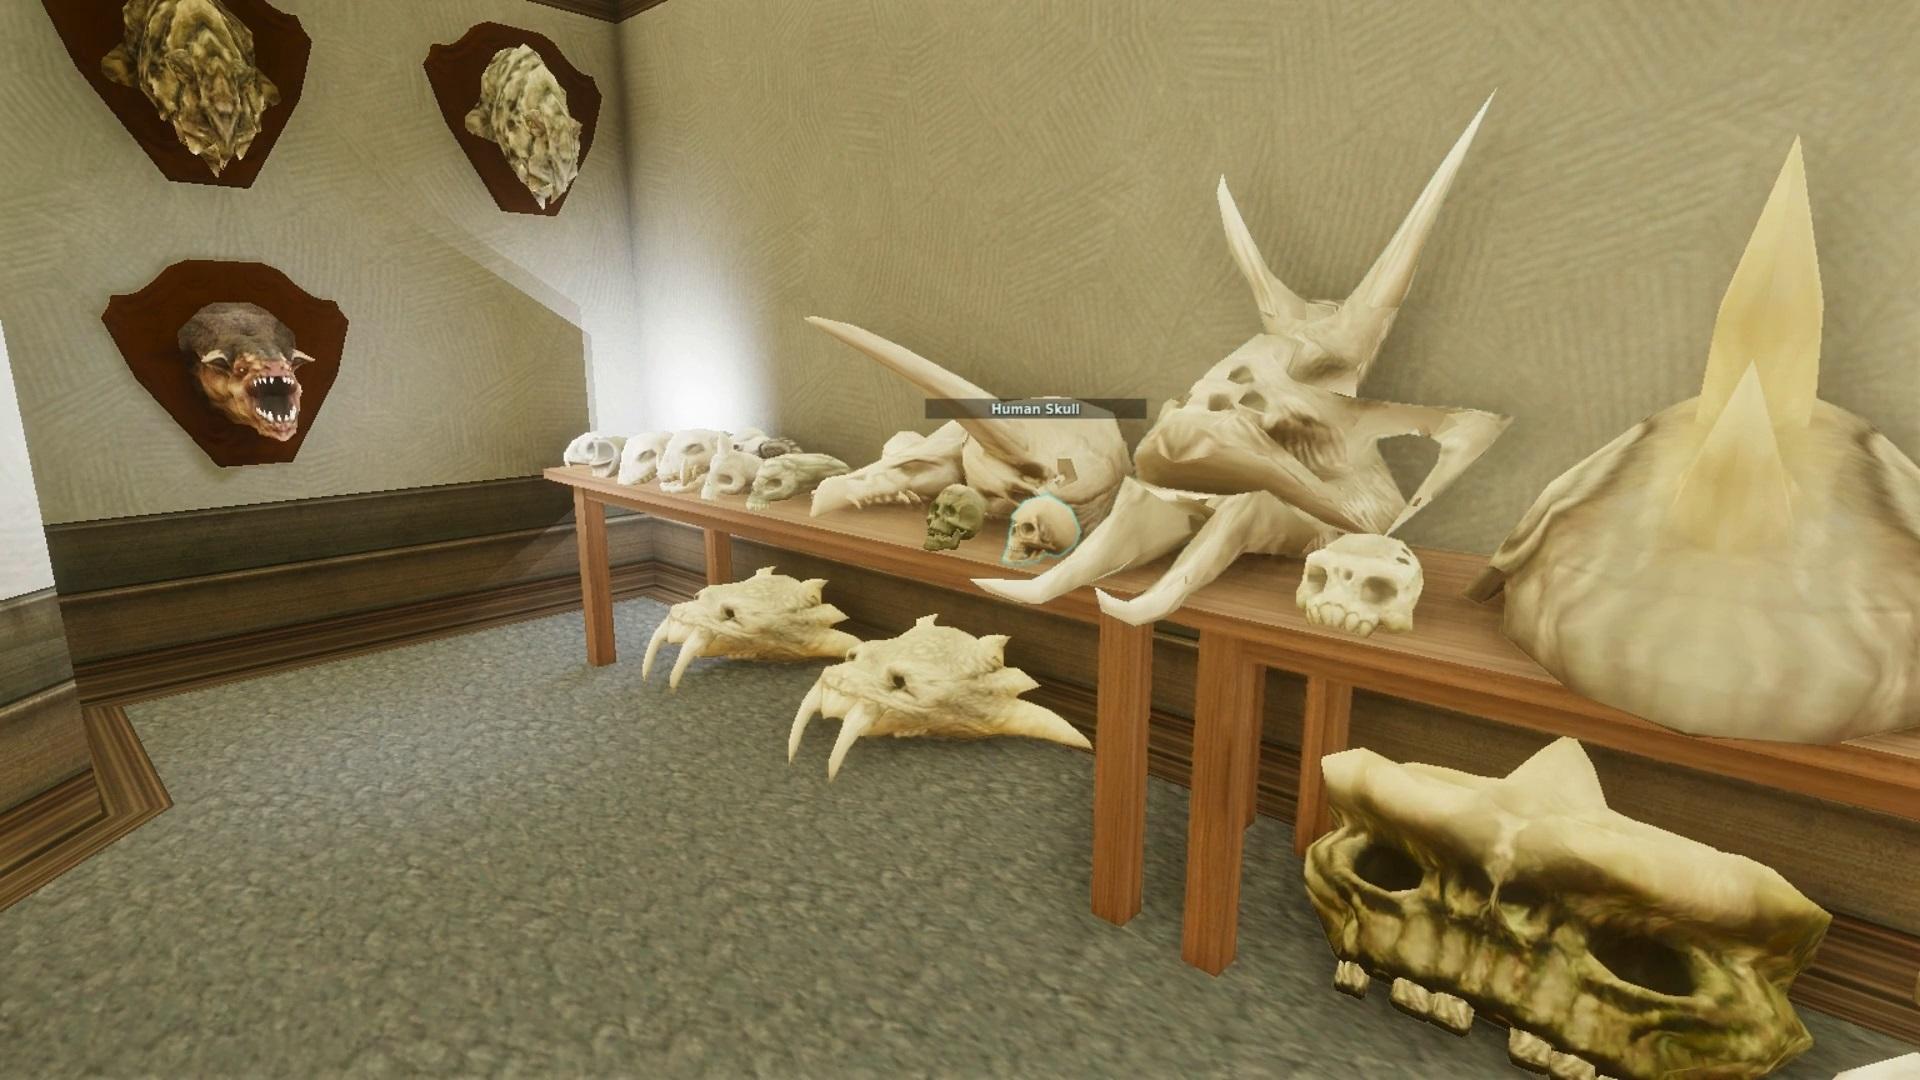 Creature Museum